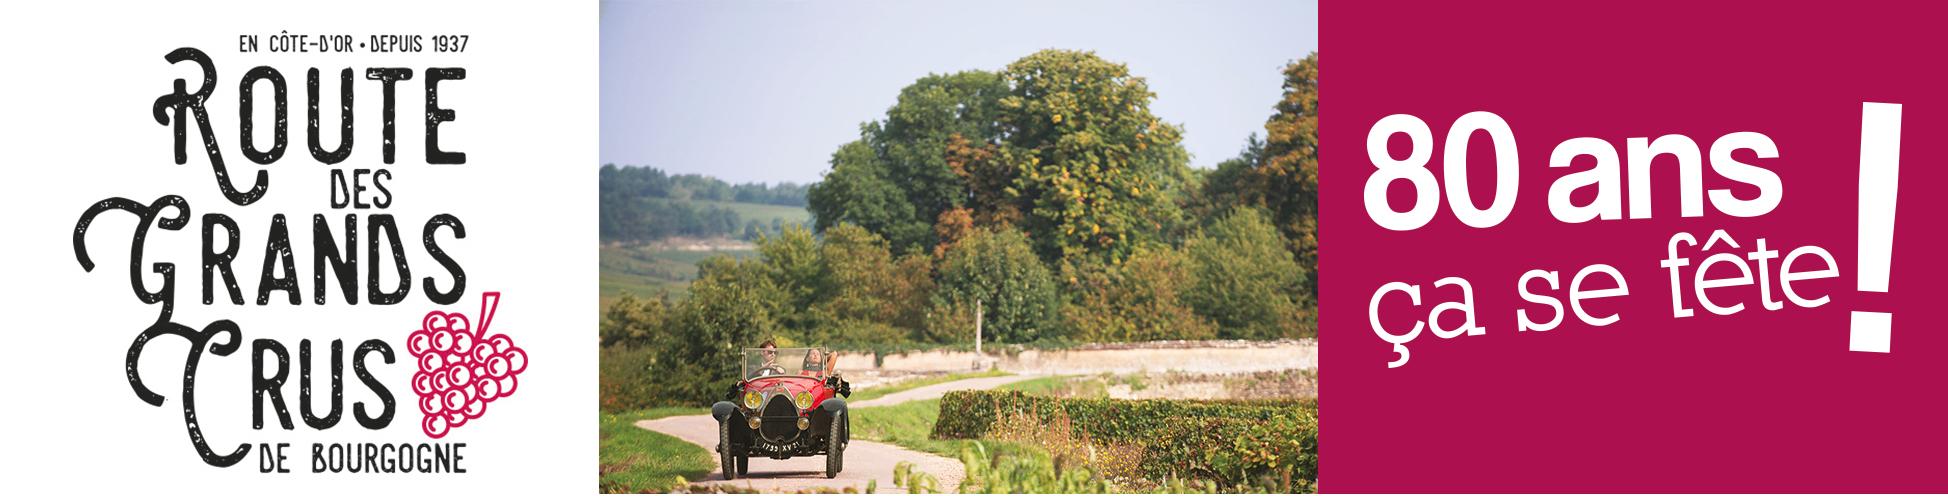 80 ans de la Route des Grands Crus de Bourgogne